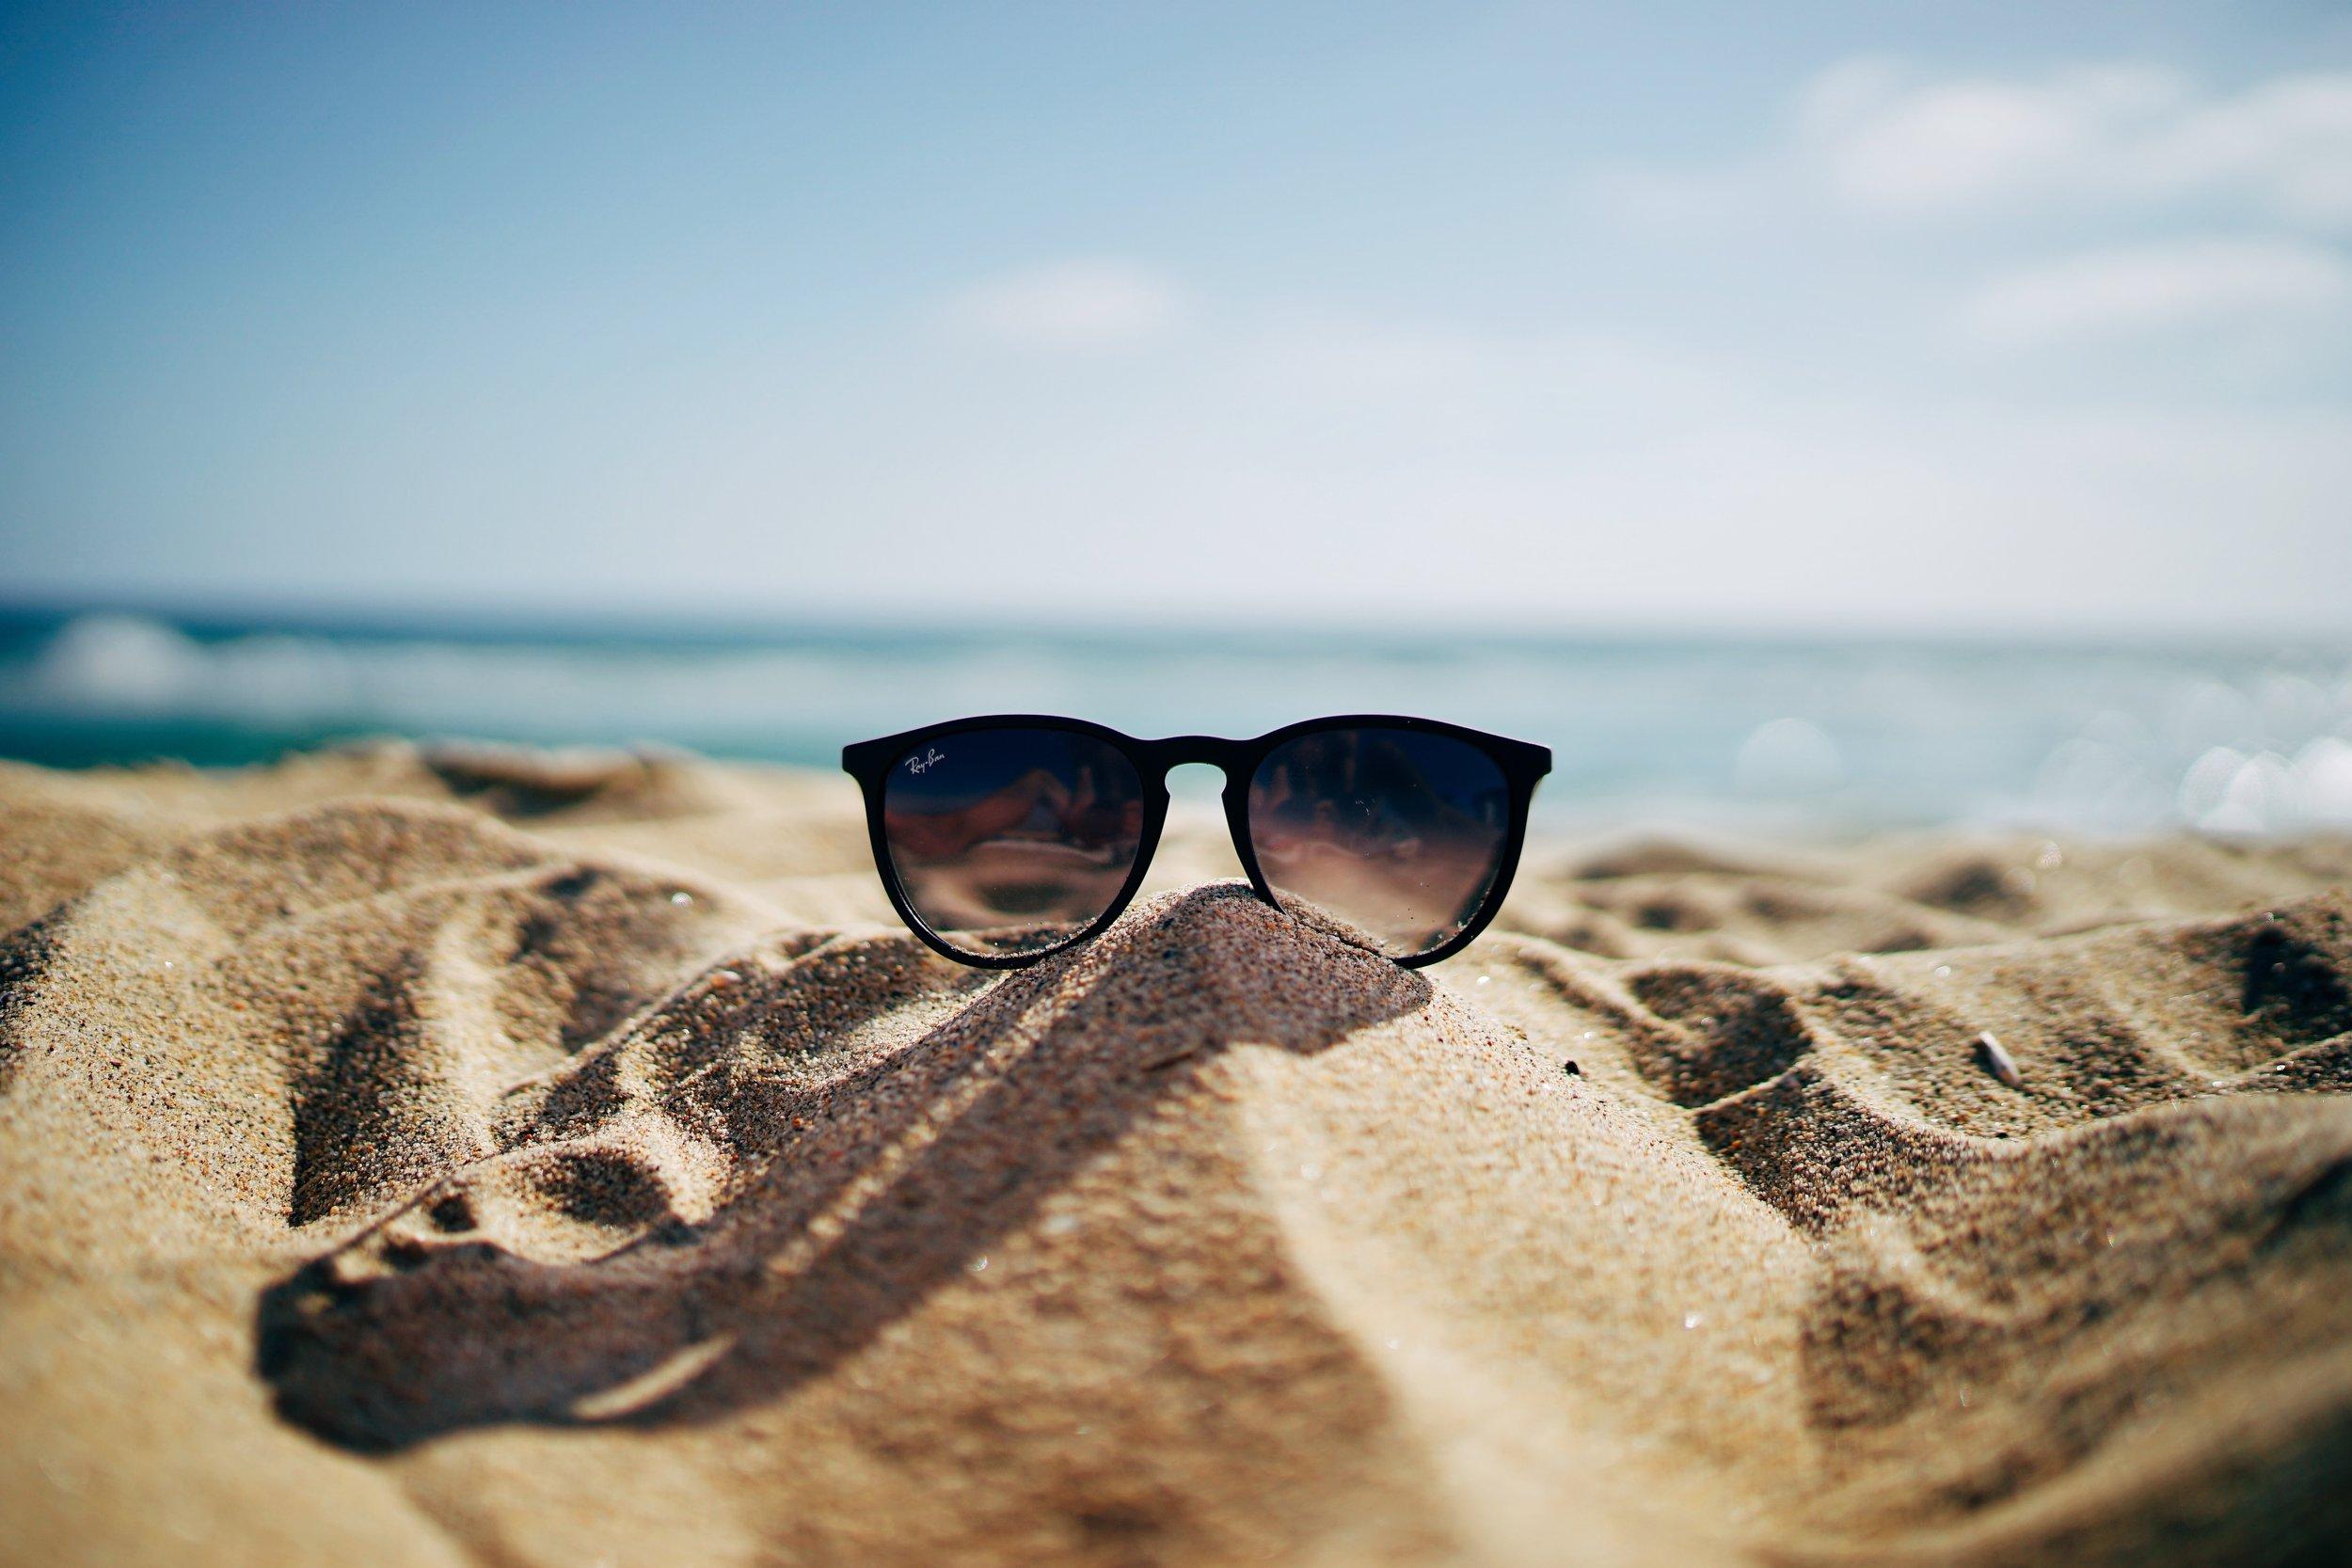 Sono fondamentali alcune regole: - Si consiglia di stare all'ombra nelle ore più calde, usare cappelli e occhiali da sole, e se si ha una pelle particolarmente delicata capi di abbigliamento adatti (lino e cotone preferibilmente).In più bisogna sempre considerare la capacità fotostabile della crema, ovvero il tempo attivo di protezione della crema ai raggi solari, un fattore che spesso dimentichiamo. Ecco perché dovremmo applicare la crema ogni 2/3 ore e ogni volta che ci si bagna, senza dimenticare che i raggi UV non si lasciano fermare del tutto dall'ombrellone né dal cielo nuvoloso.